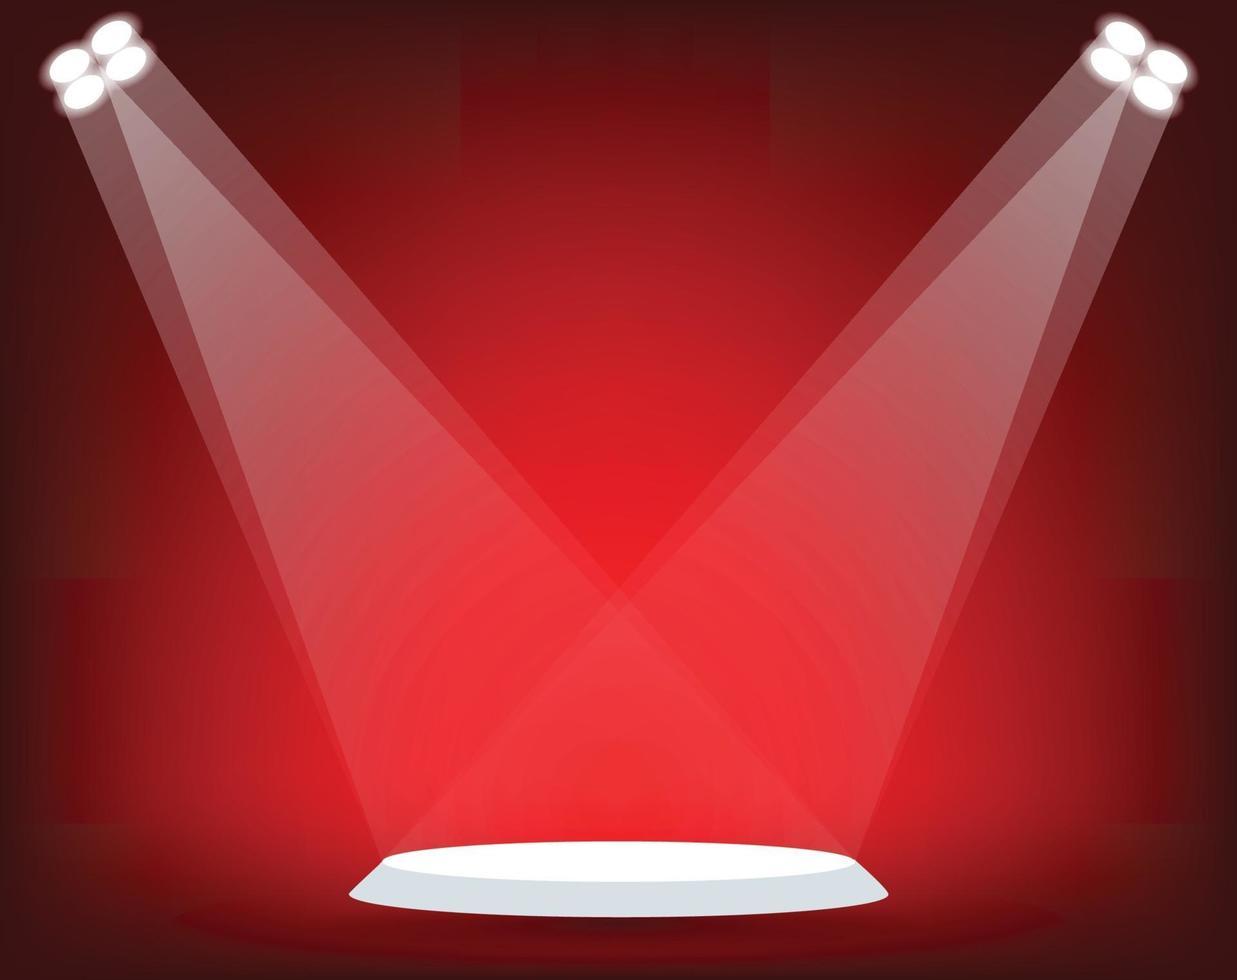 de pie con foco sobre fondo rojo. ilustración vectorial vector